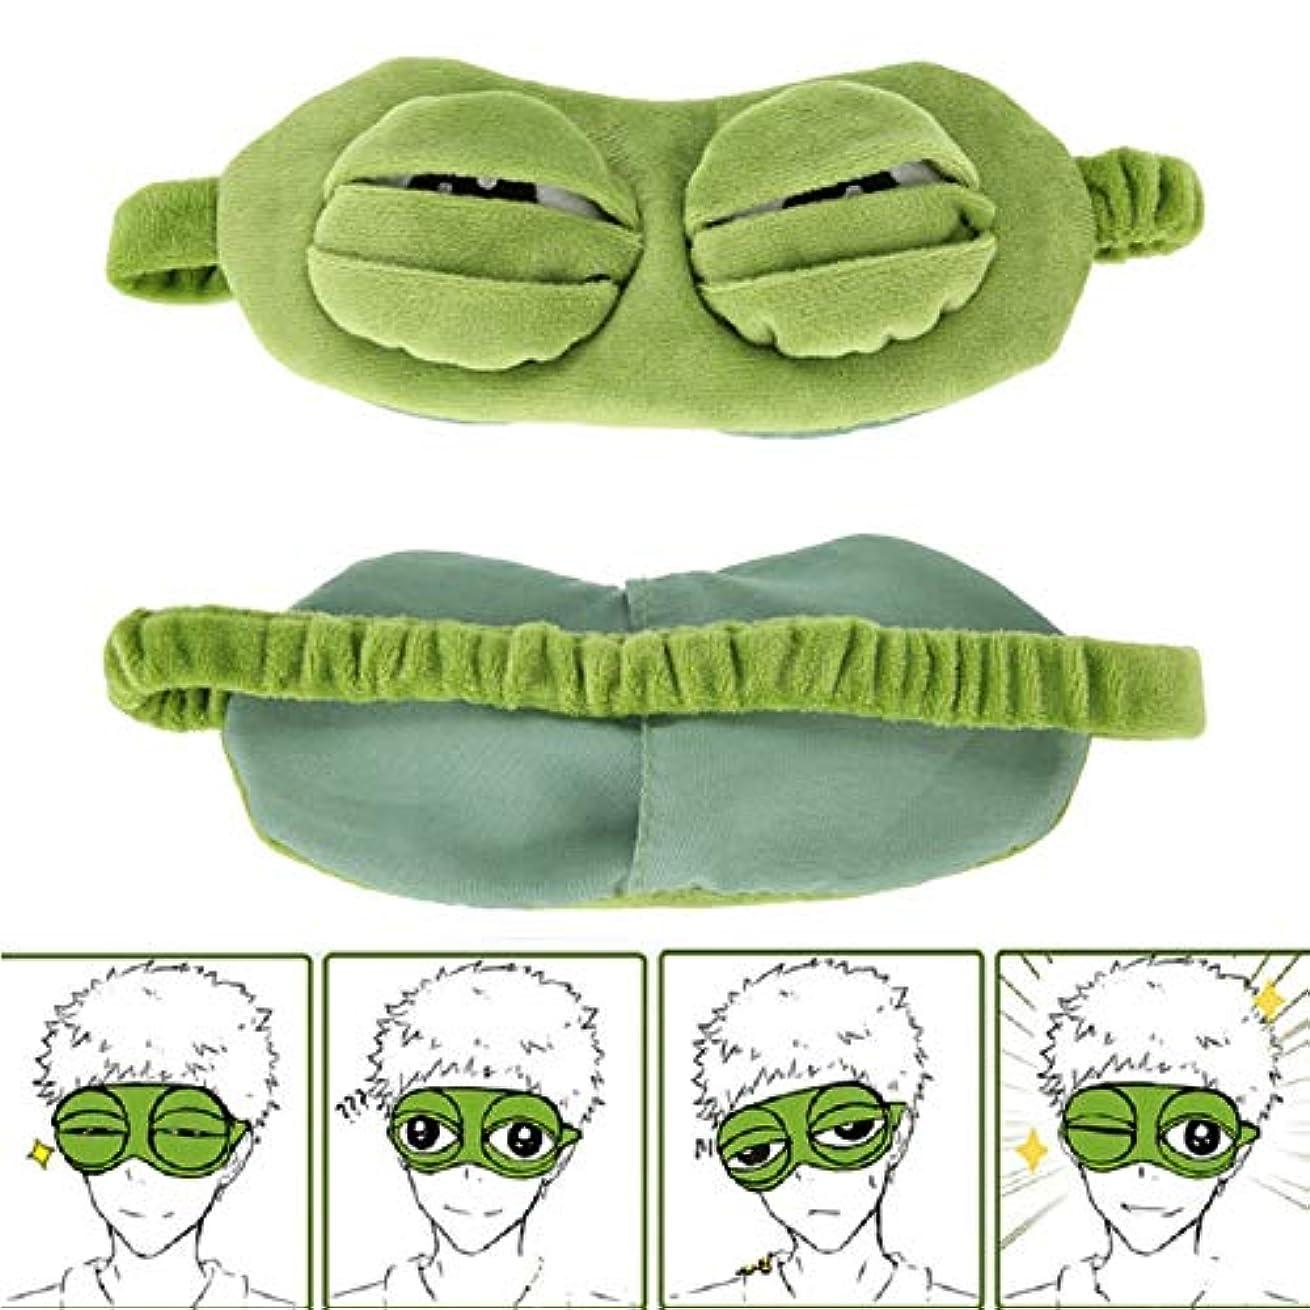 不足同行特別にNOTE かわいい目のマスクカバーぬいぐるみ悲しい3Dカエルグリーンアイマスクカバーリラックス眠って休息旅行睡眠アニメ面白いギフト美容ゴーグル